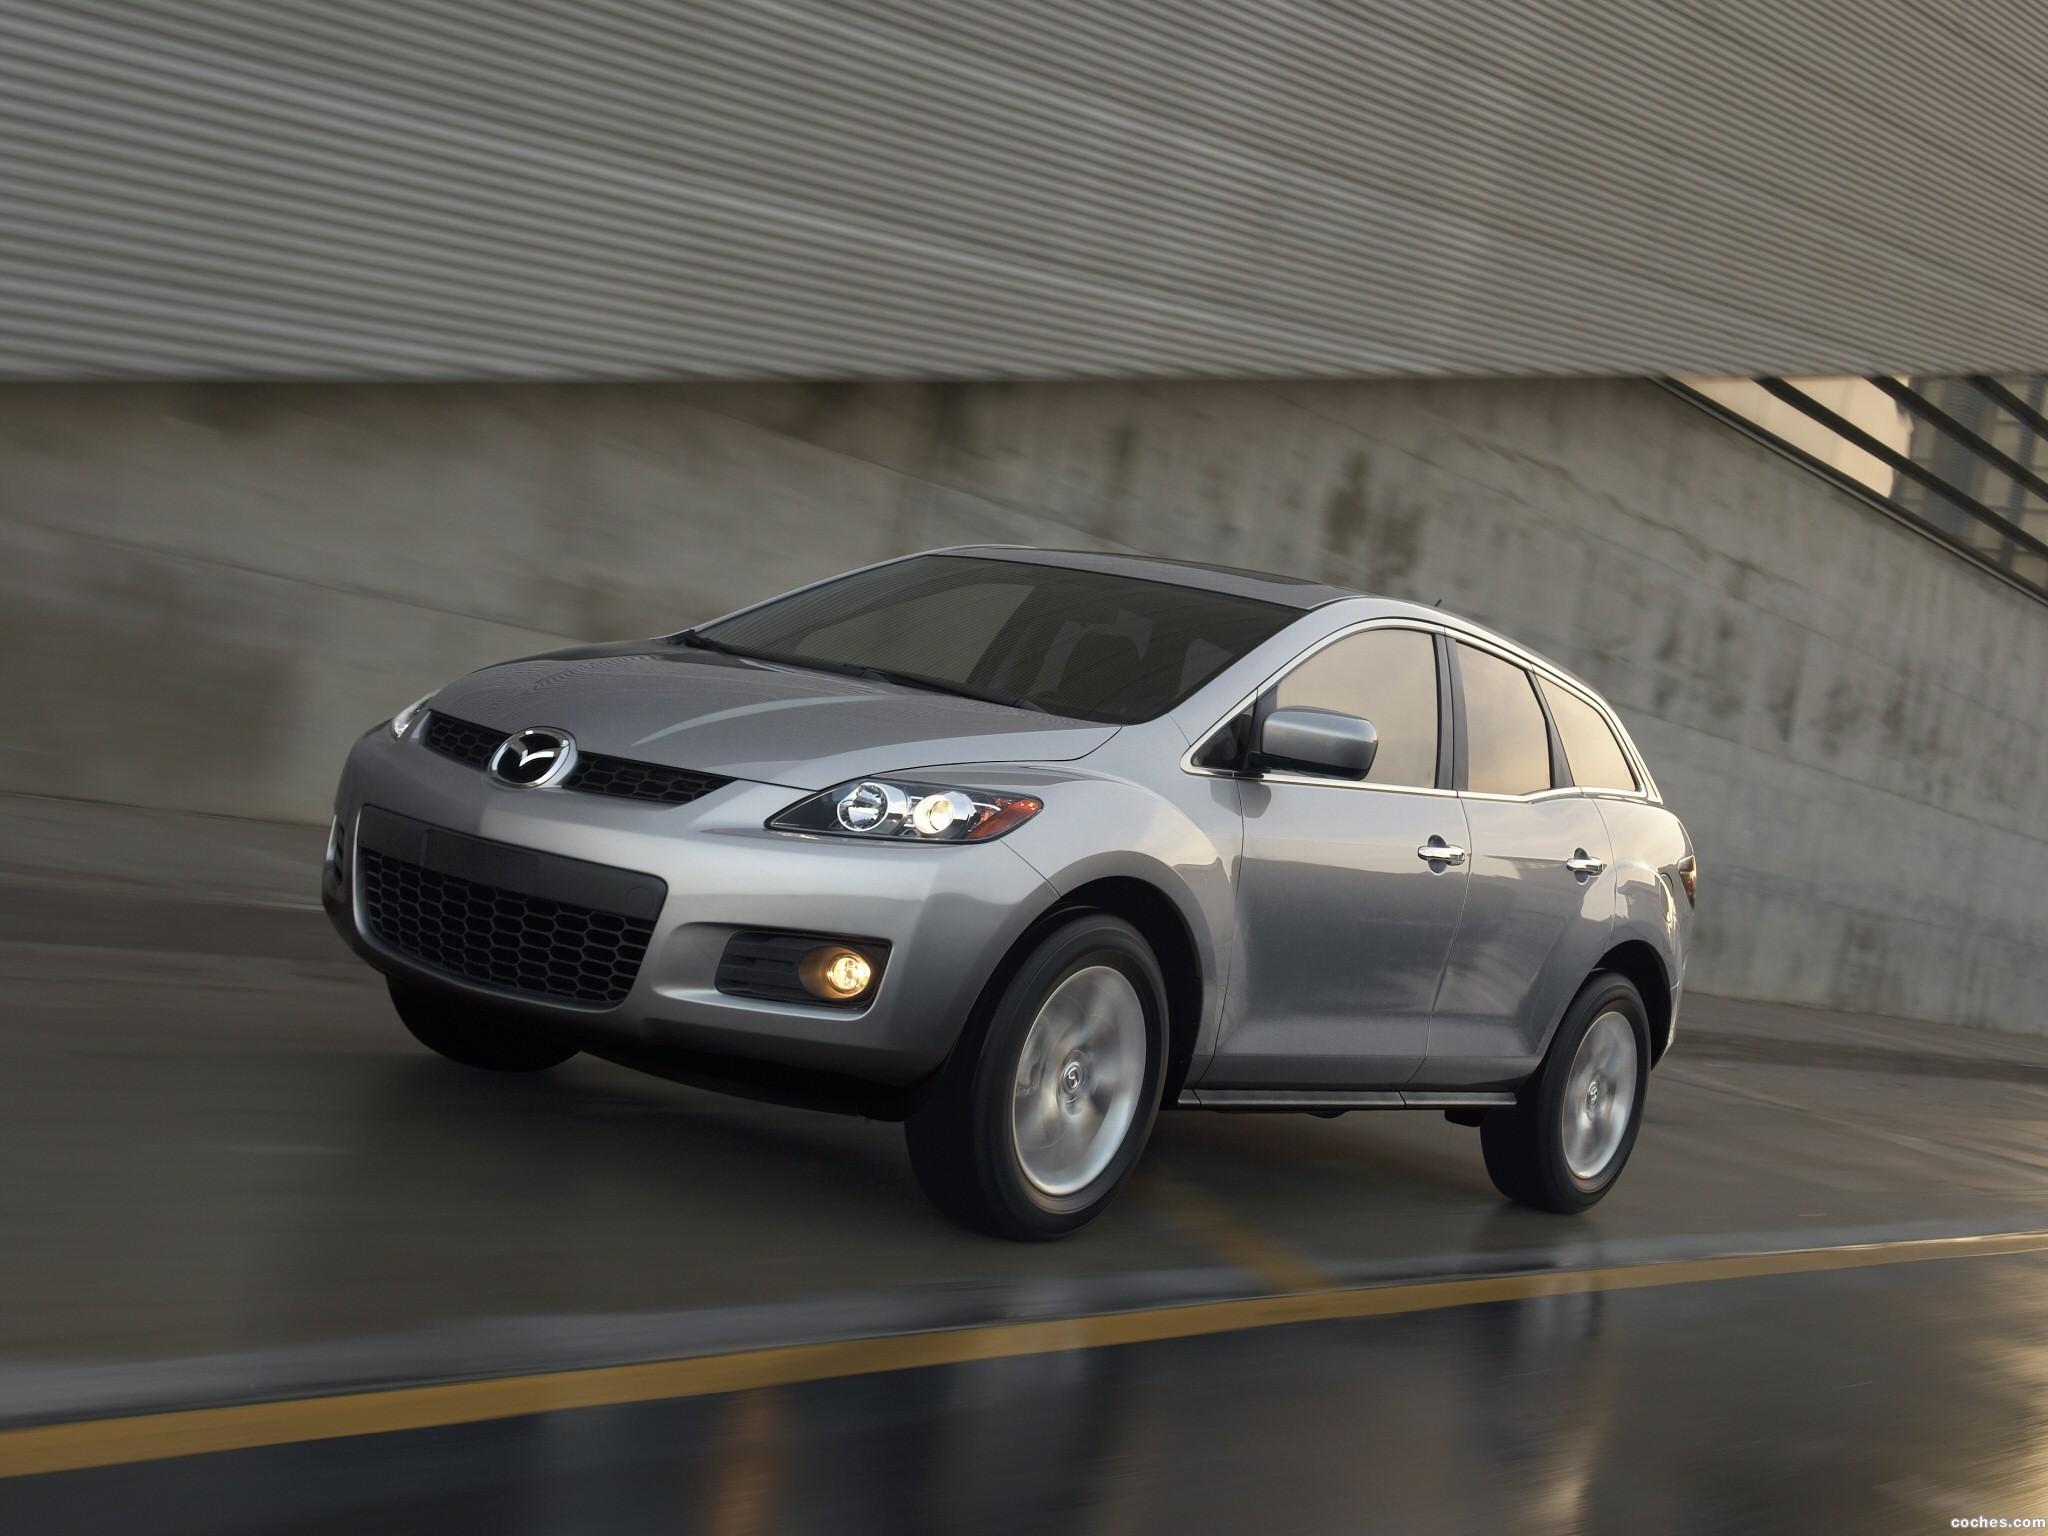 Foto 5 de Mazda CX-7 2007